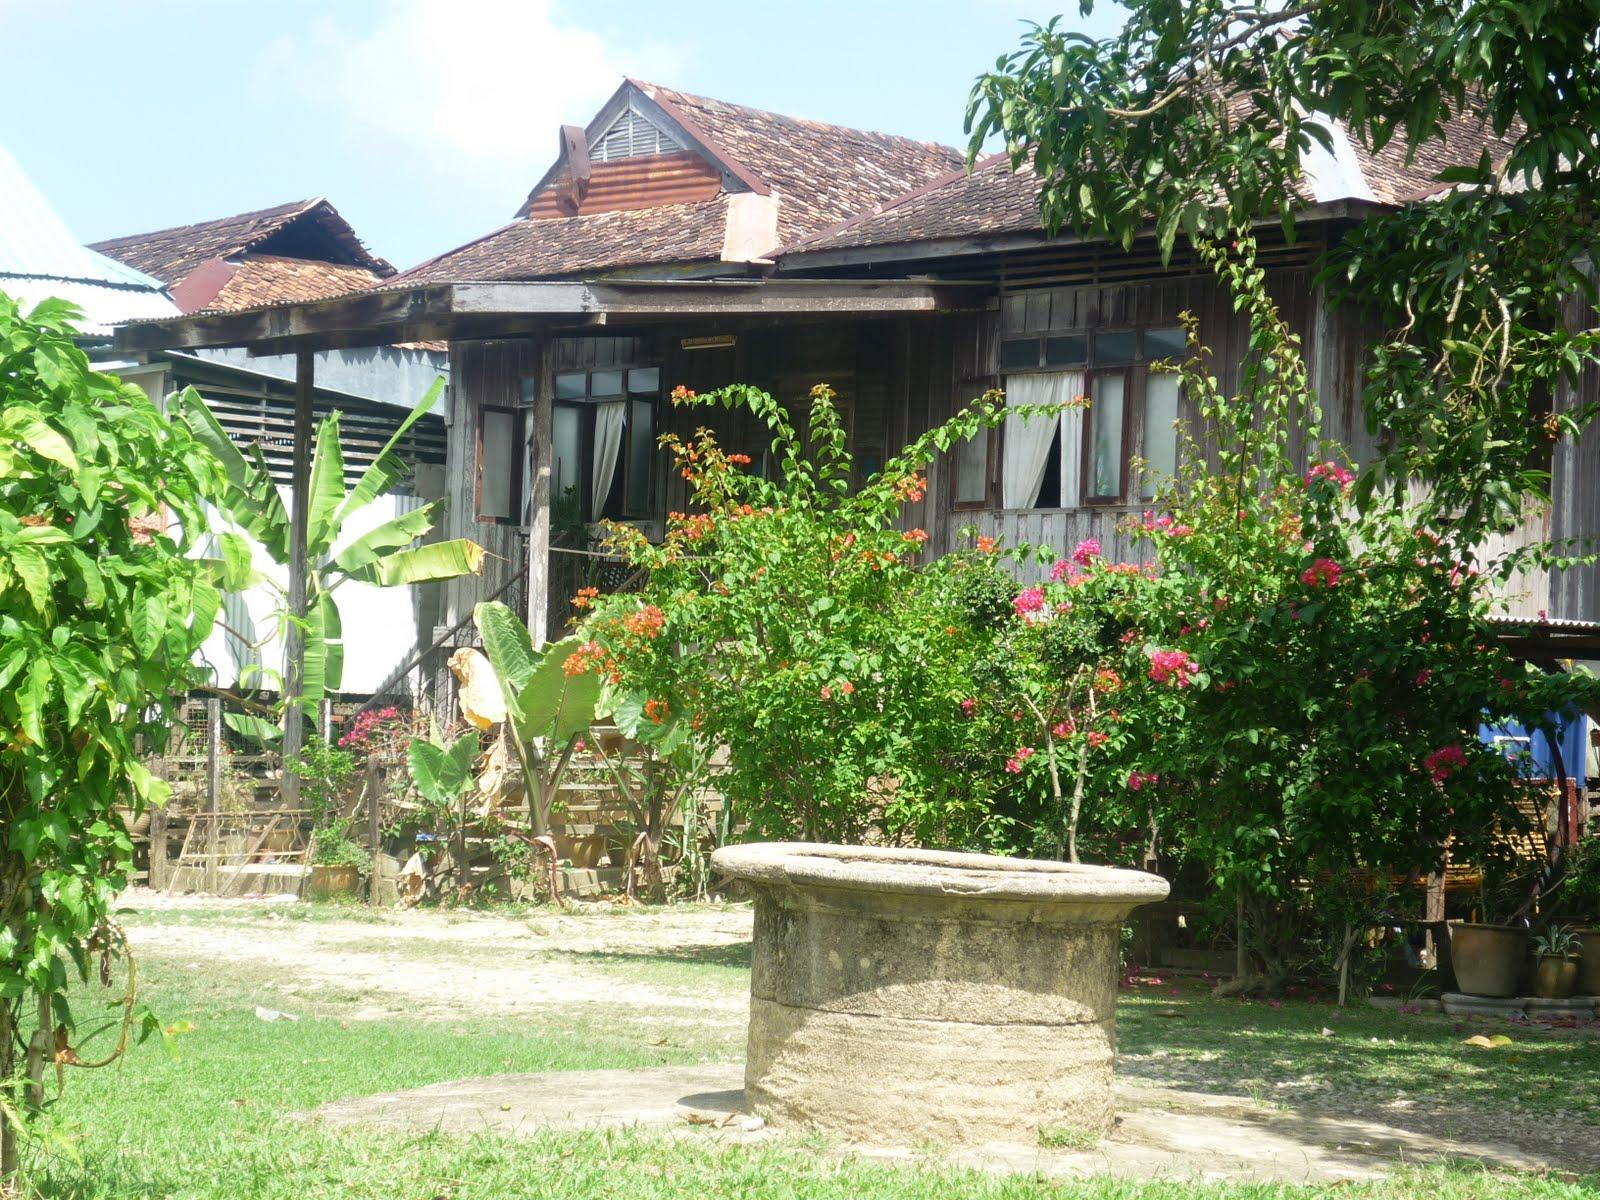 Amat Menarik Dan Begitu Berstruktur Sekali Morforlogi Penempatan Kampung Terutamanya Di Kawasan Lembah Kelantan U Gajah Pantai Dasar